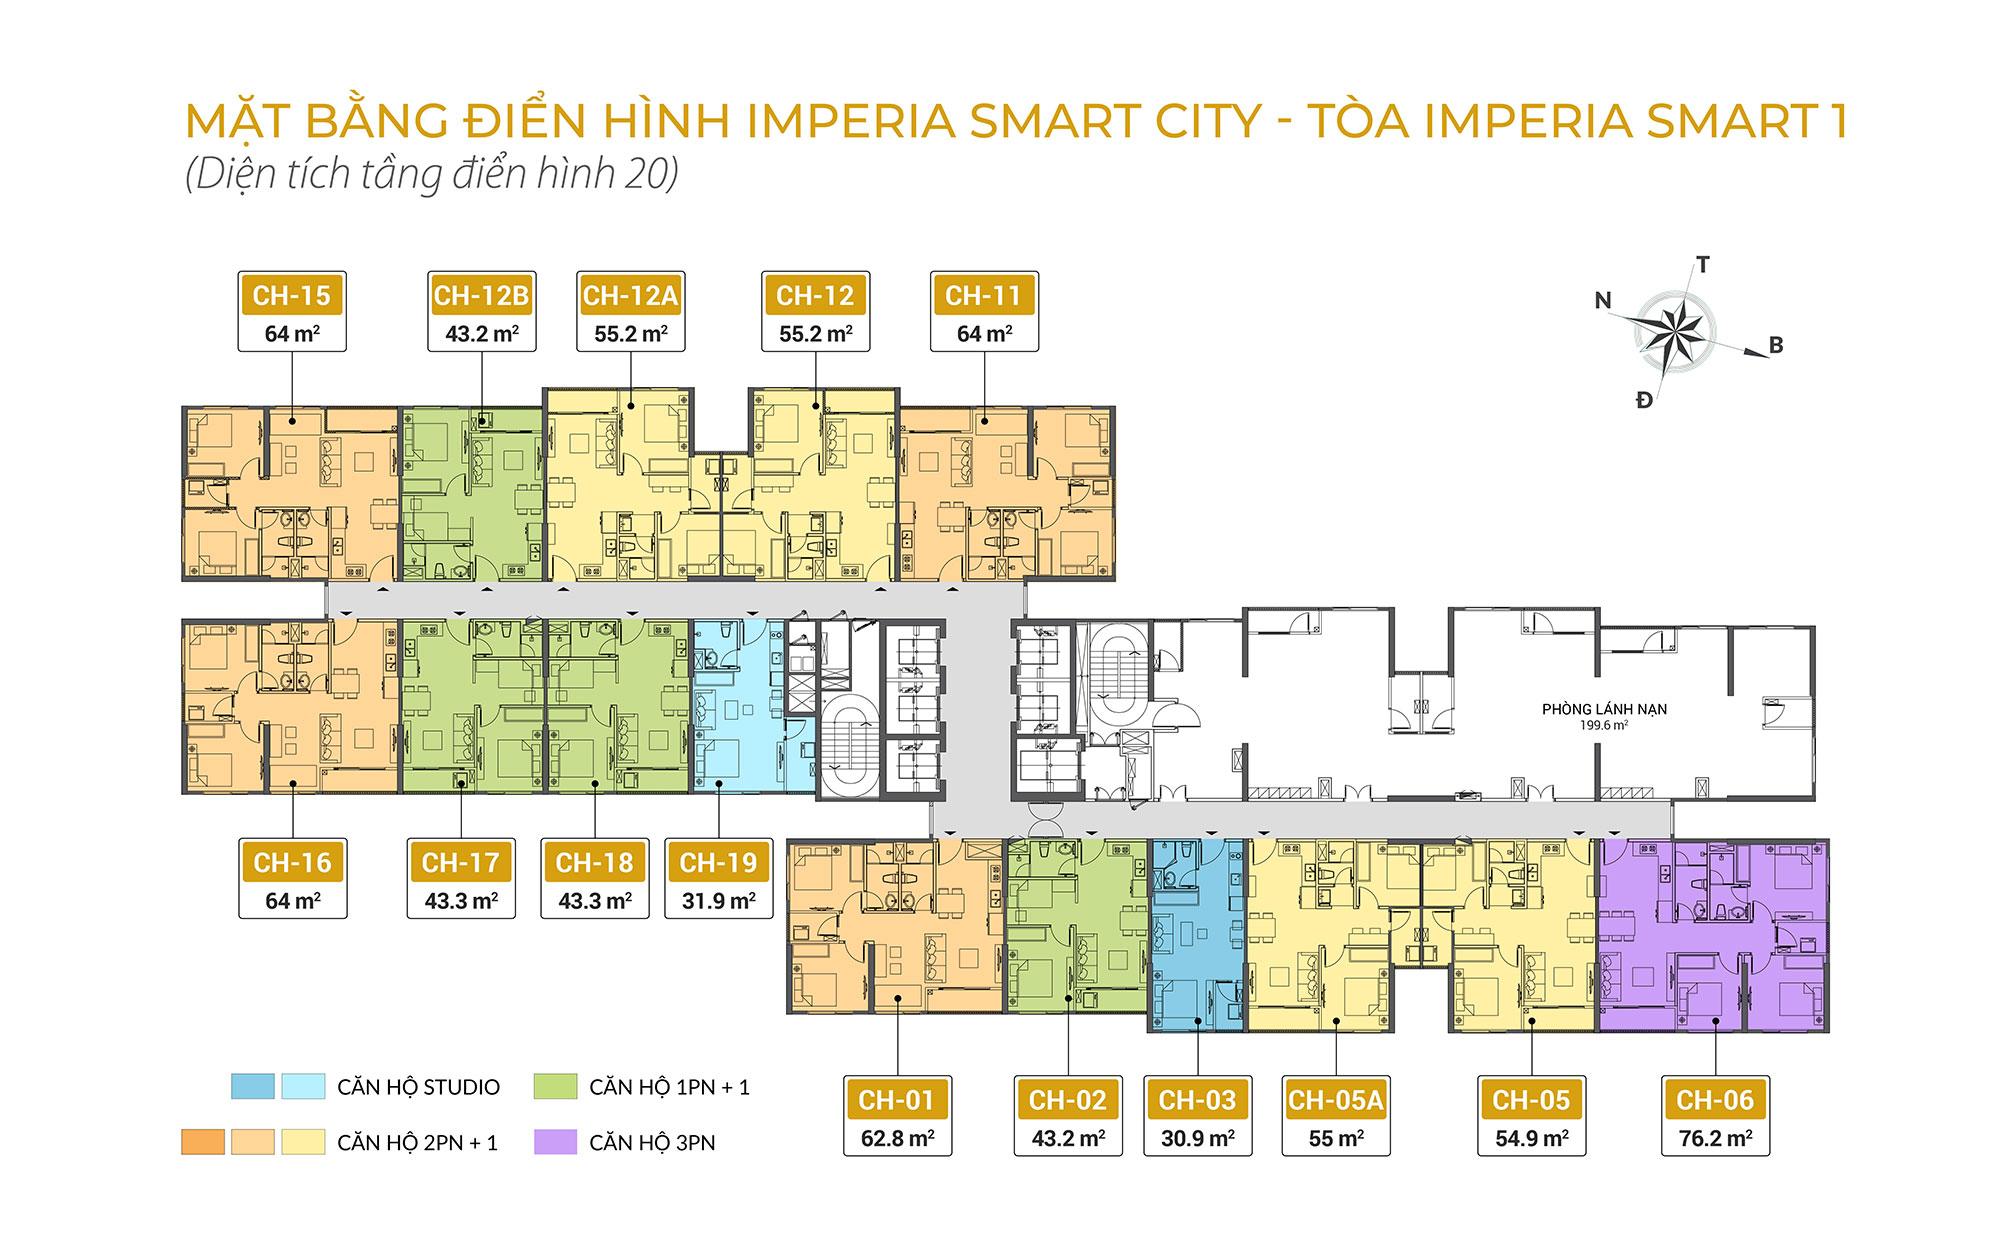 mat-bang-tang-20-toa-imperia-smart-1-imperia-smart-city